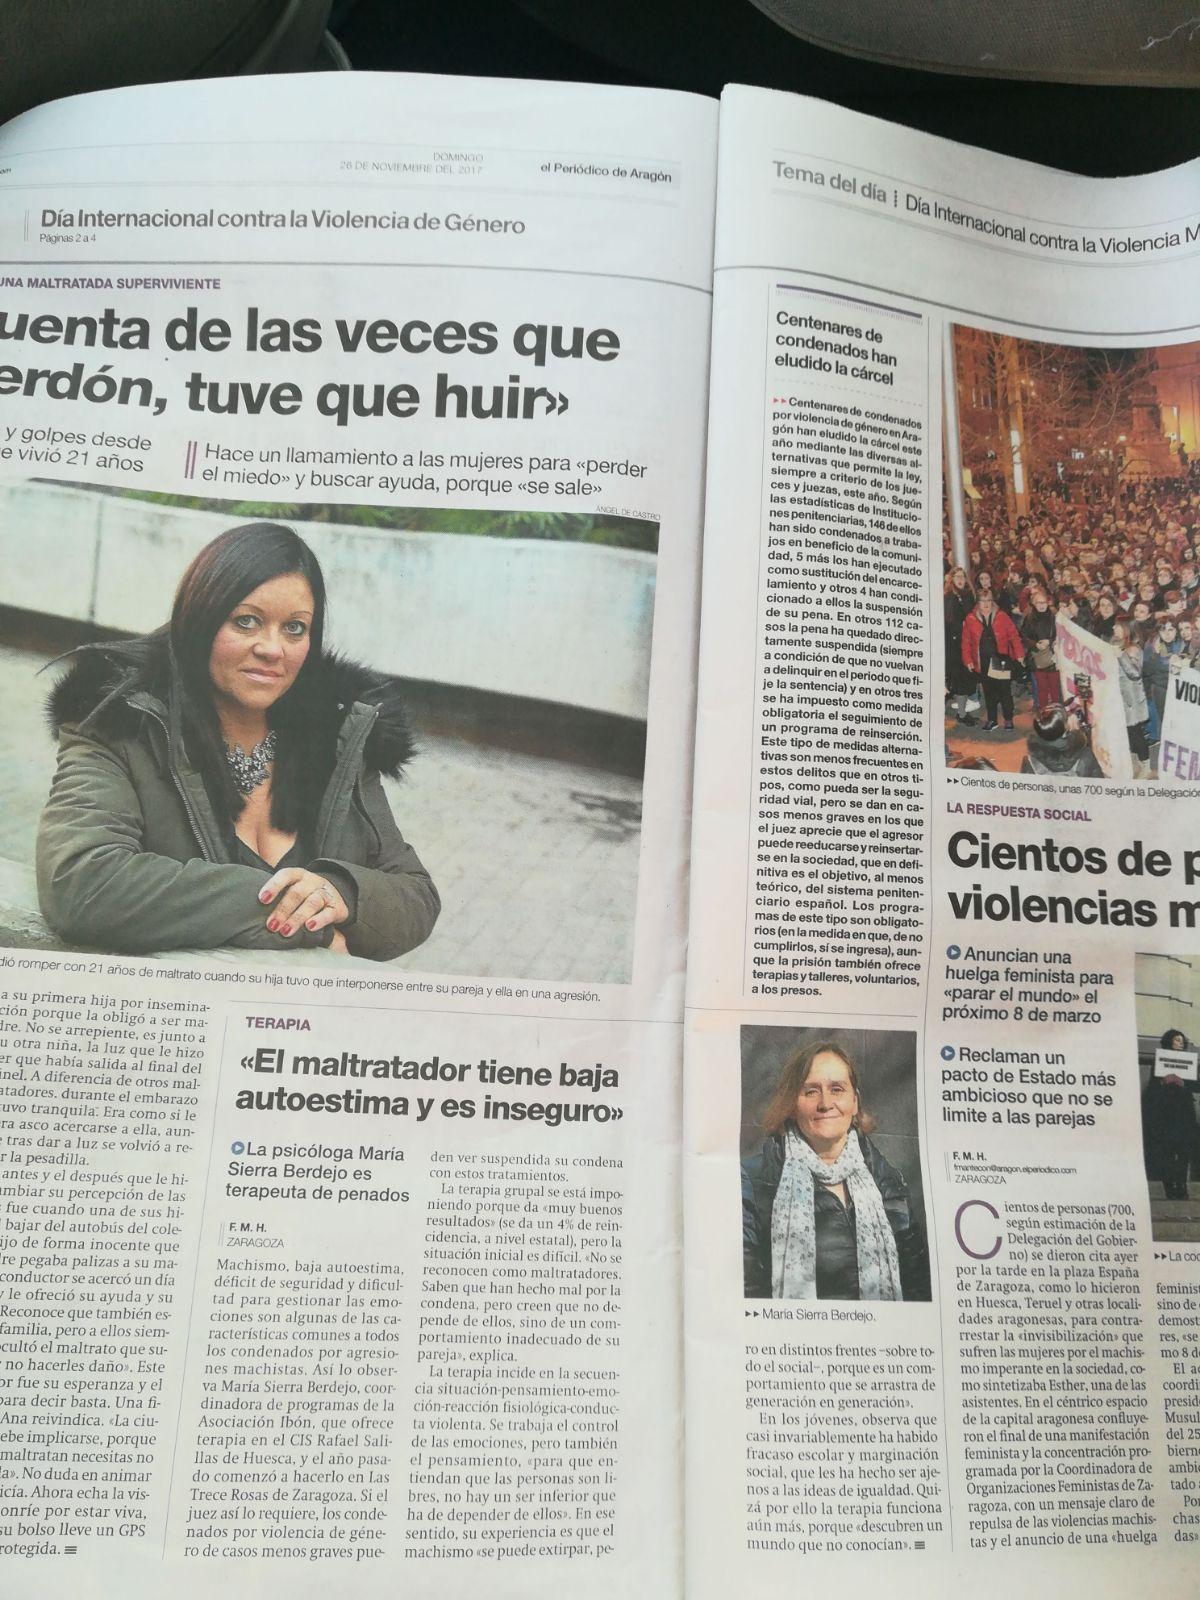 Jornadas sobre Violencia de Género de la Diputación Provincial de Zaragoza. 27 de noviembre de 2017.